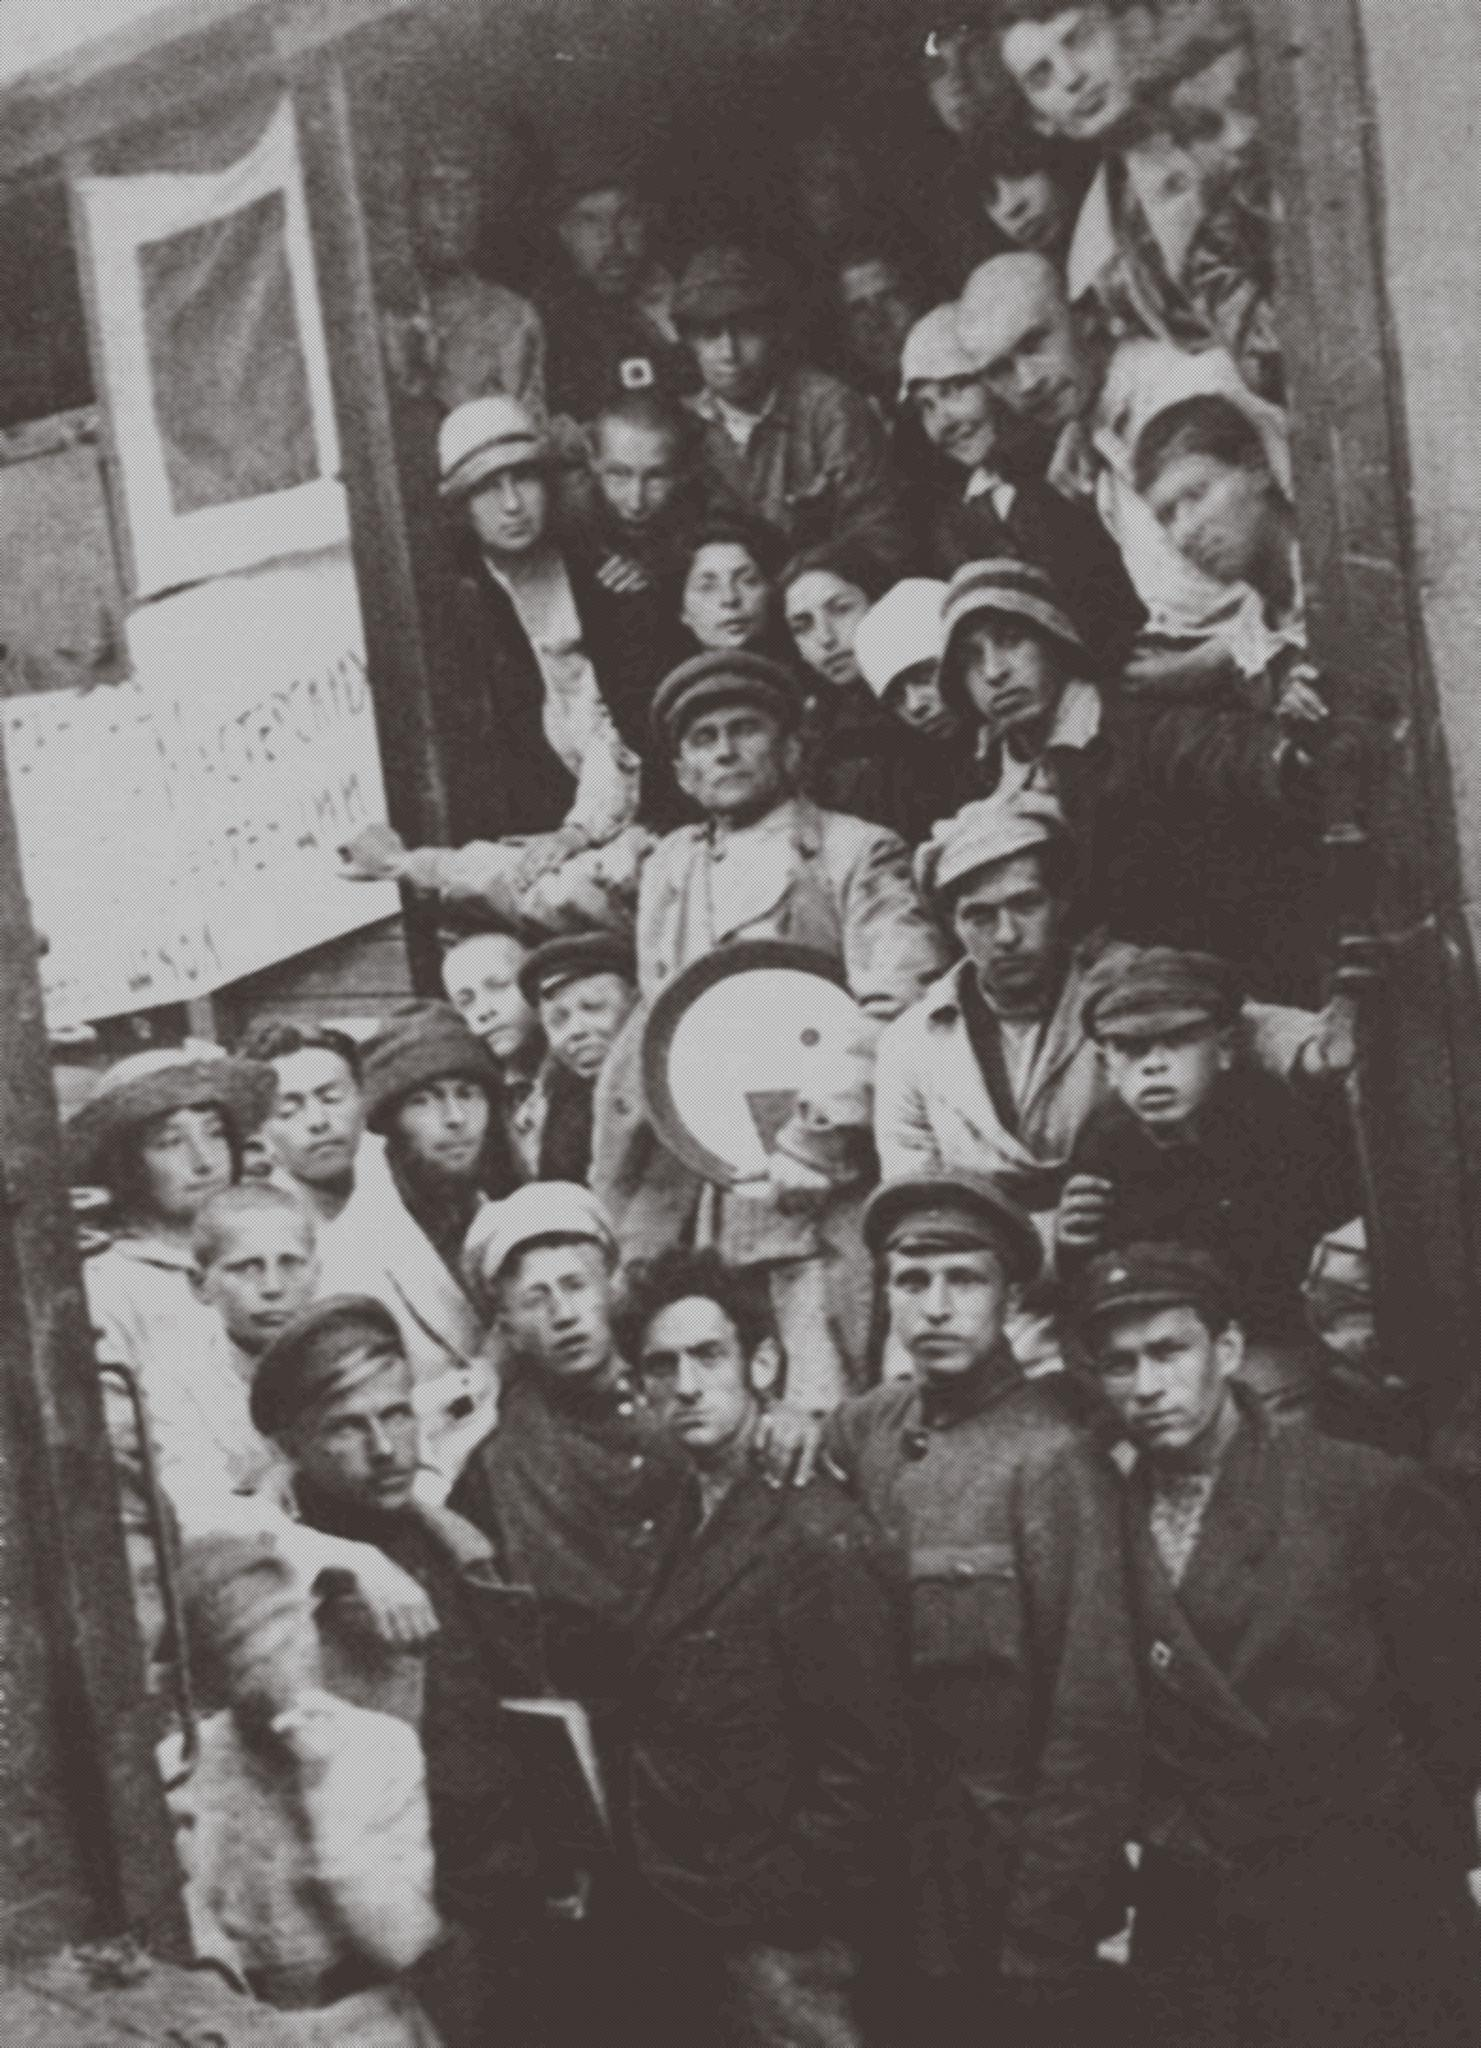 Группа УНОВИС («Утвердители нового искусства») в Витебске, 5 июня